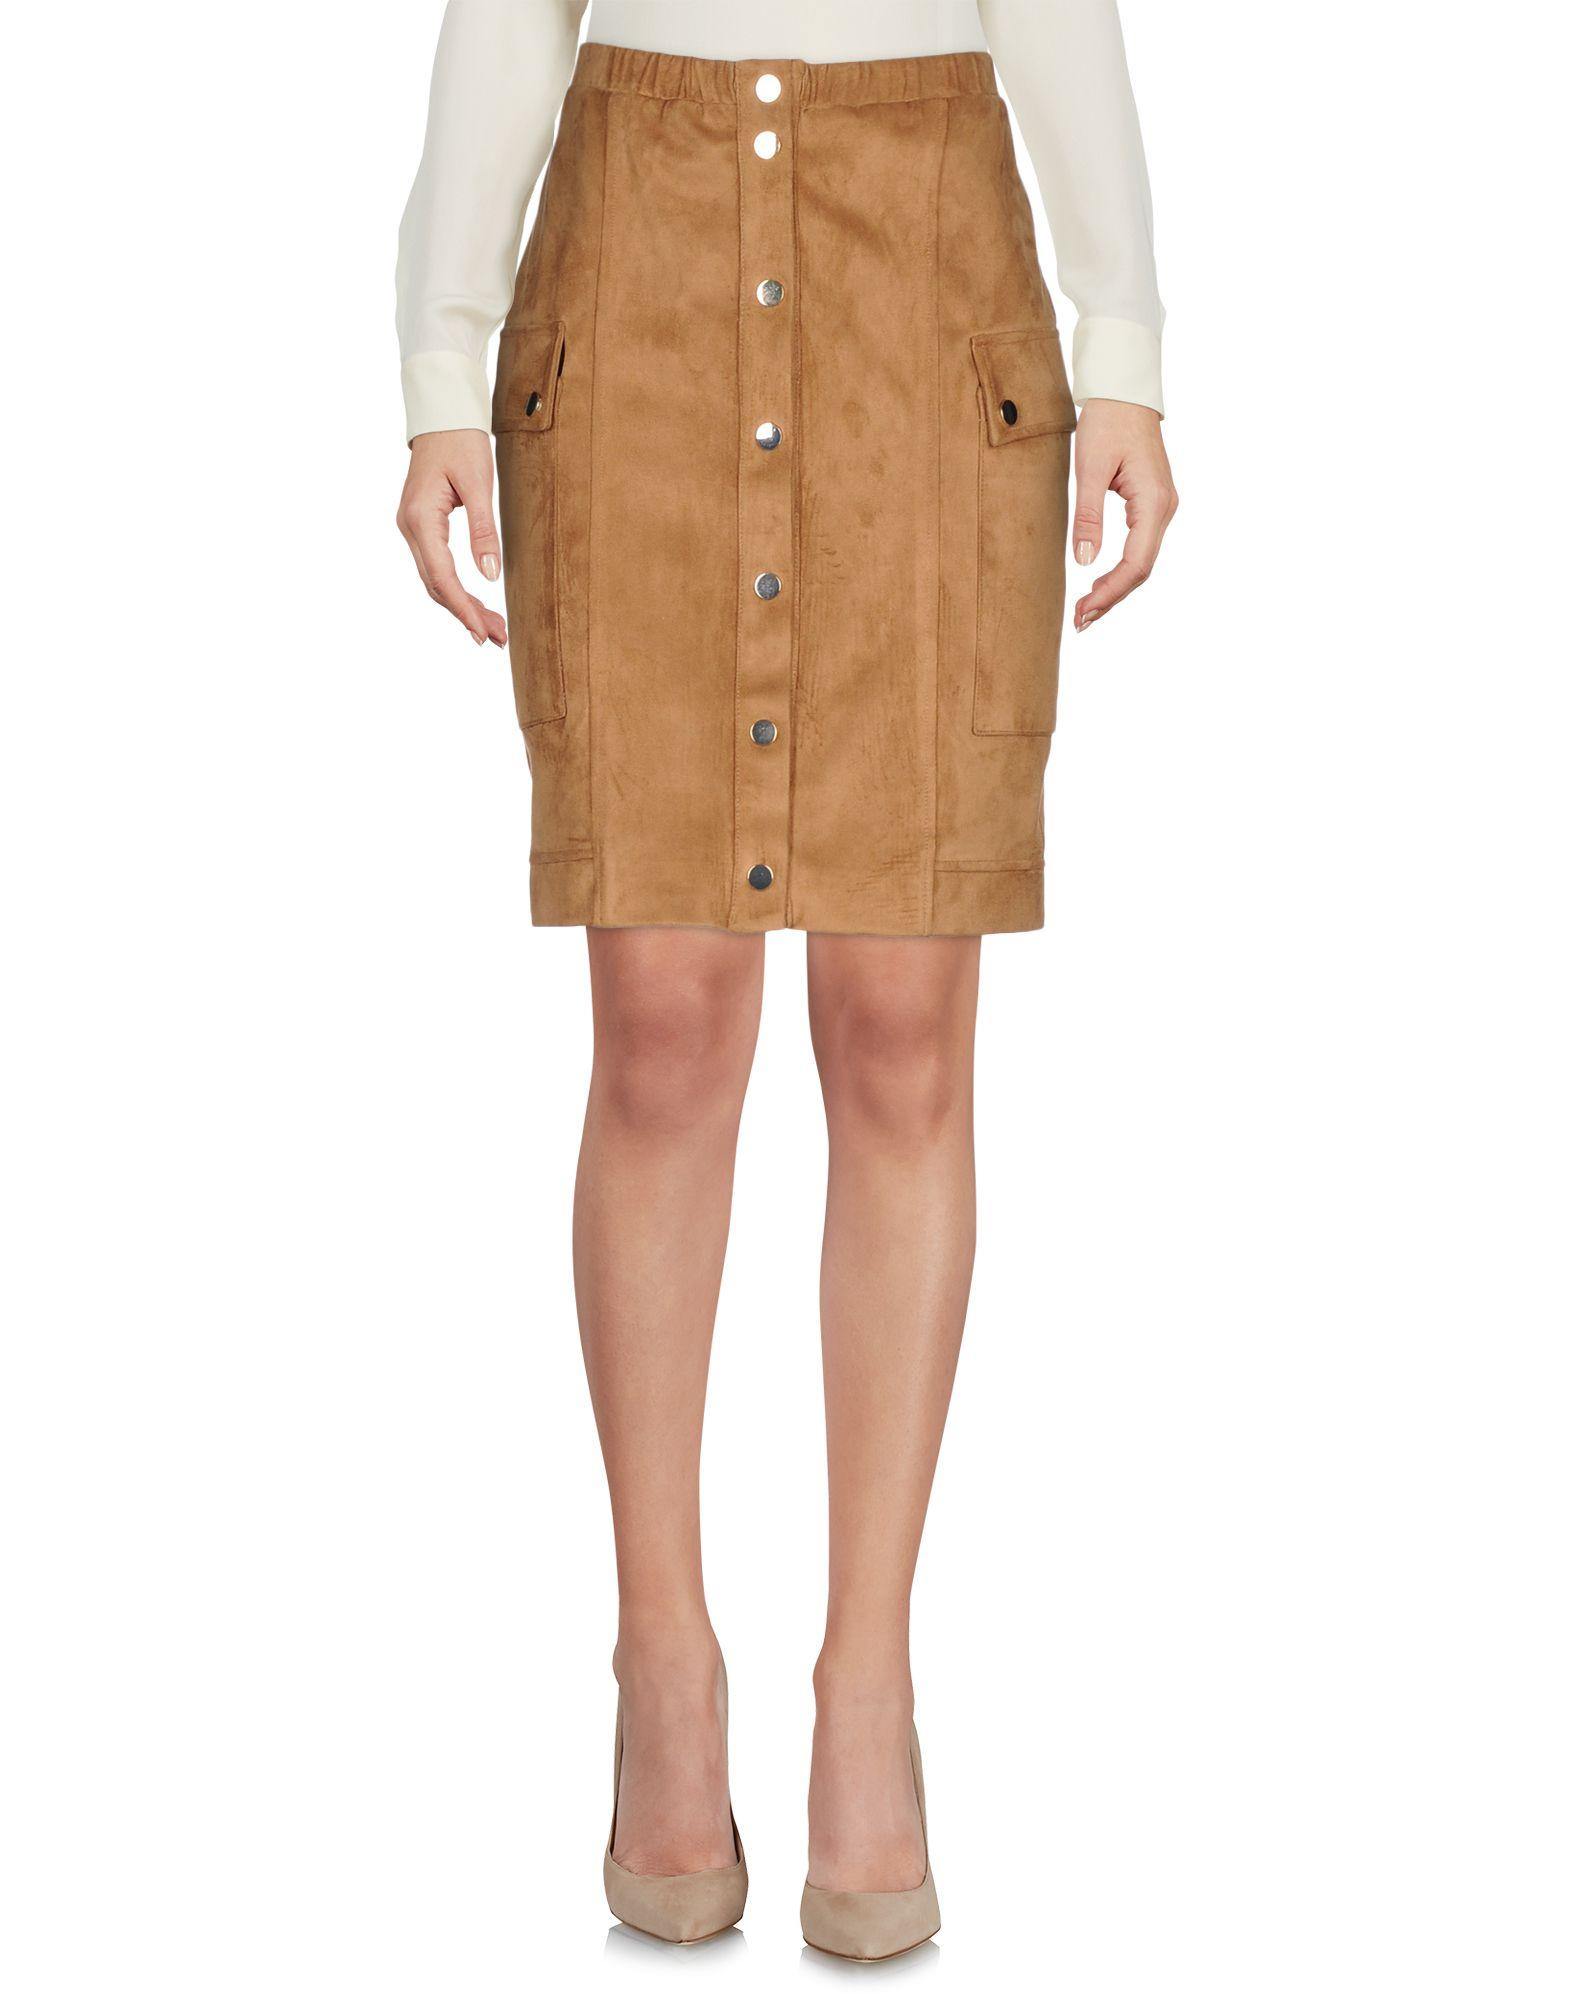 MANGANO レディース ひざ丈スカート キャメル 40 ポリエステル 100%